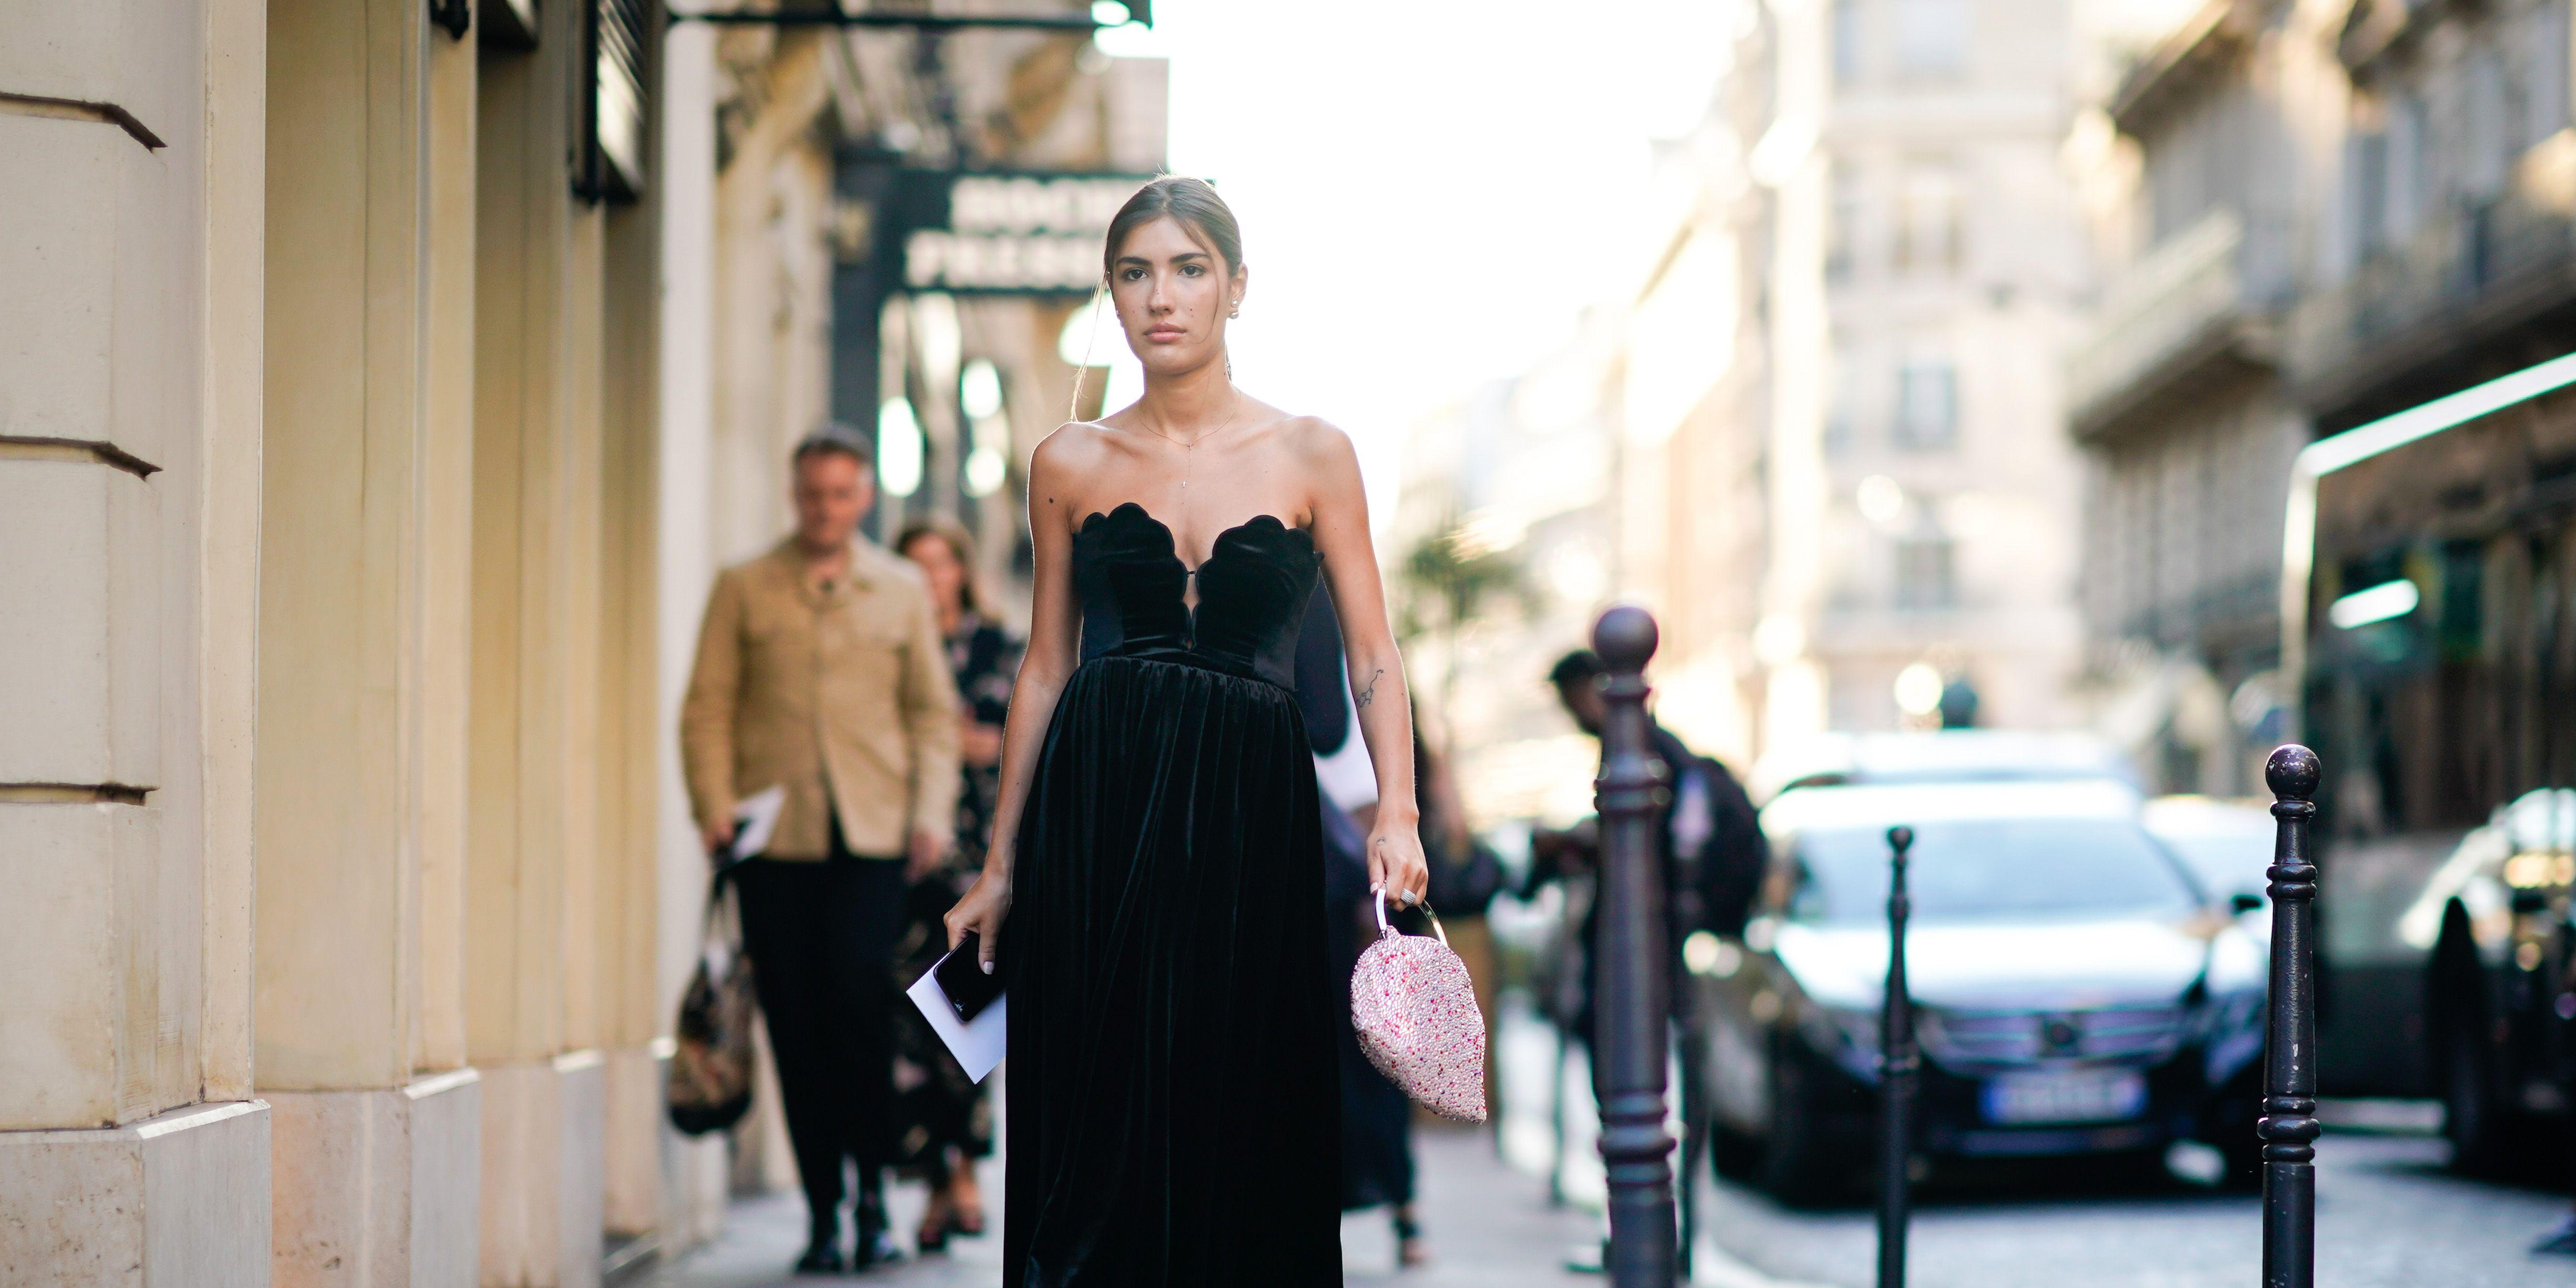 Parijs winkelen op zondag boetieks geopend